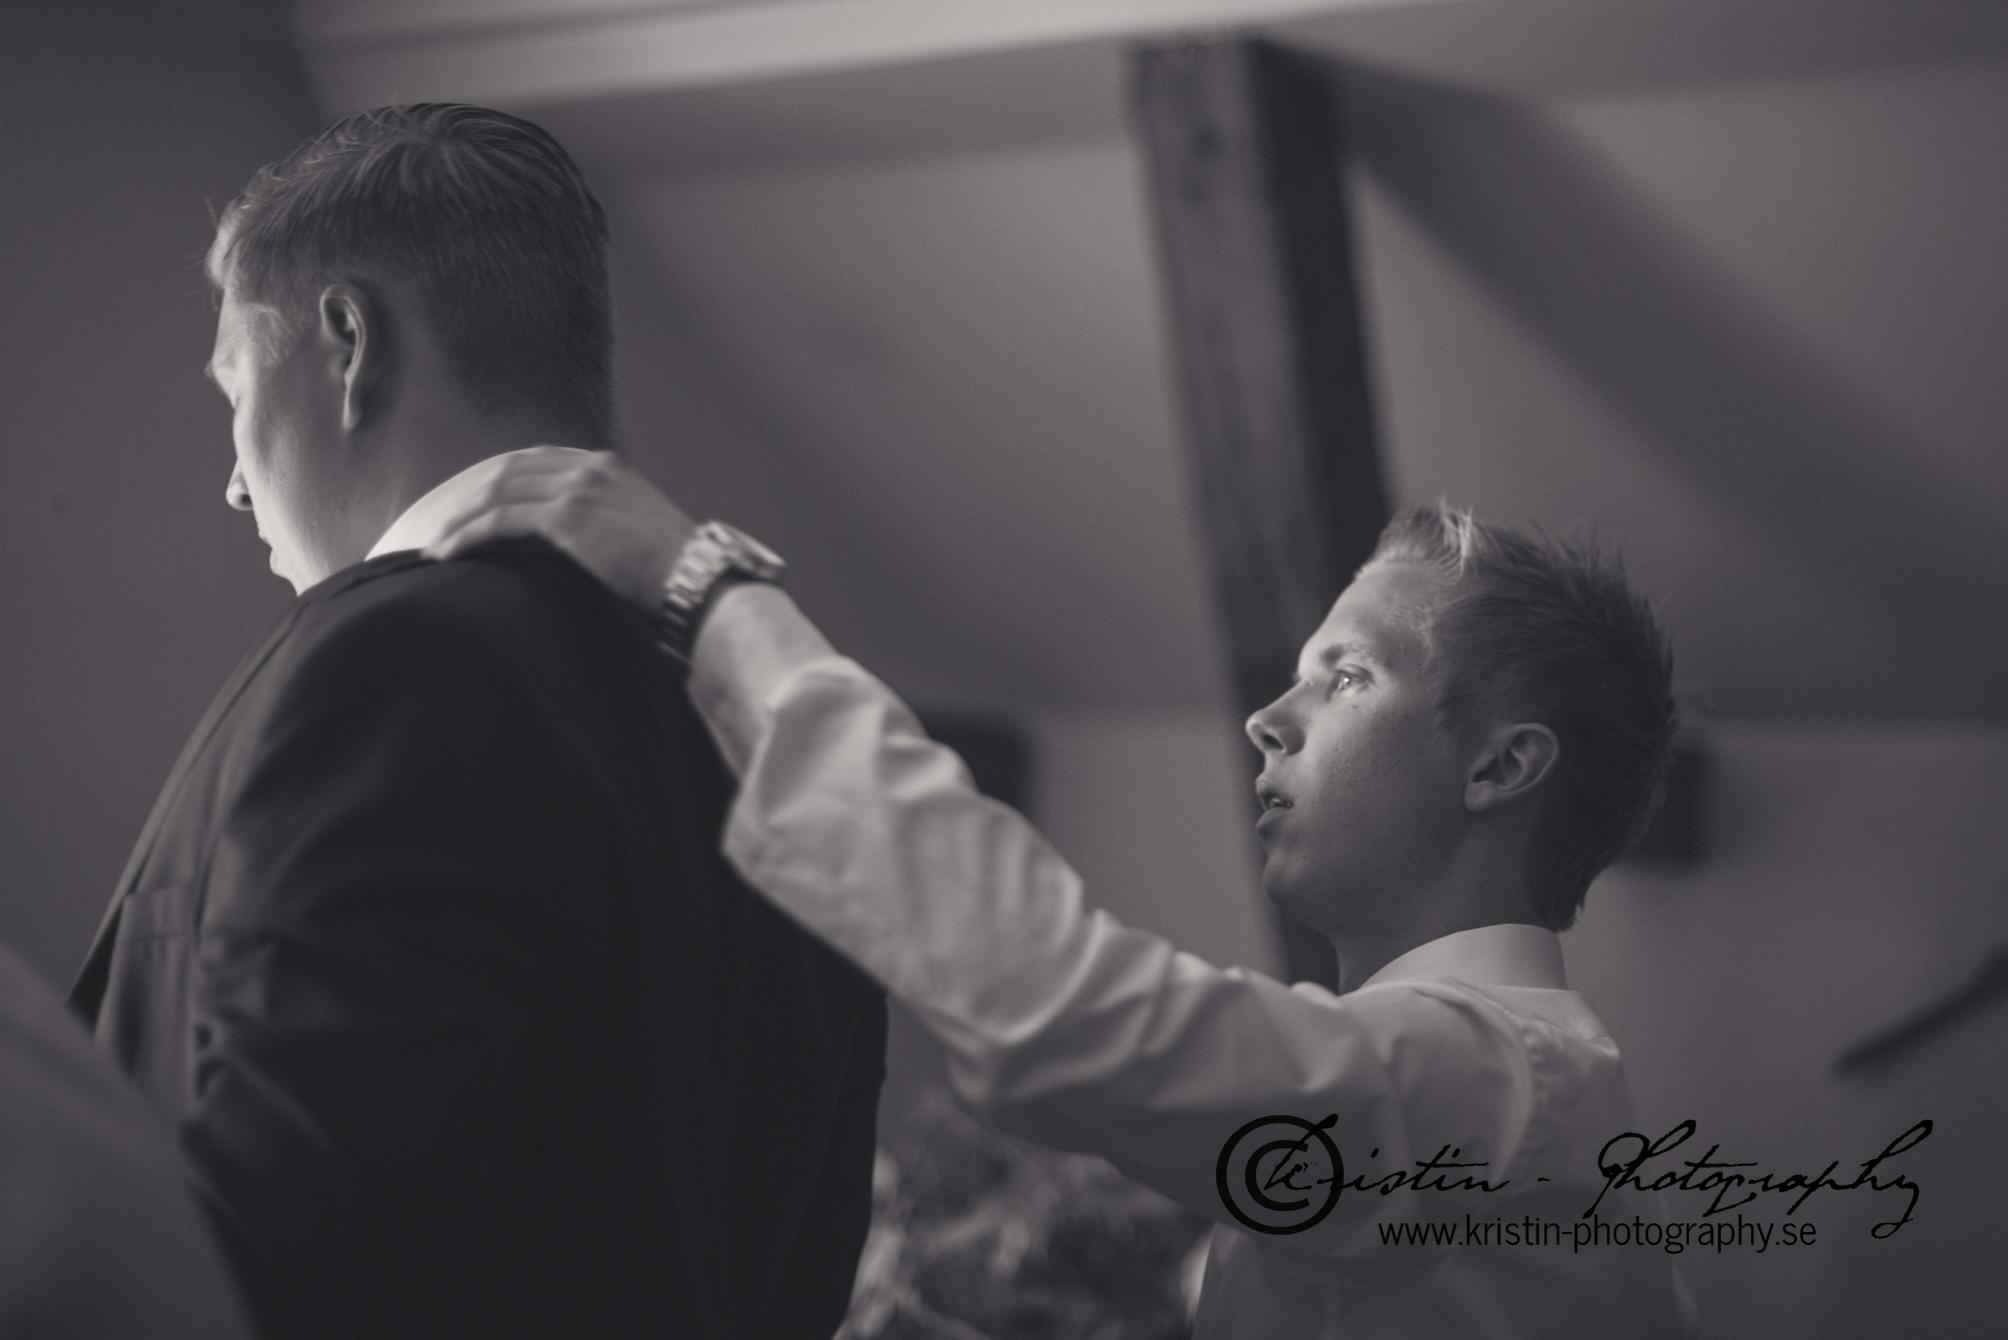 Bröllopsfotograf i Eskilstuna, Kristin - Photography, weddingphotographer -54.jpg